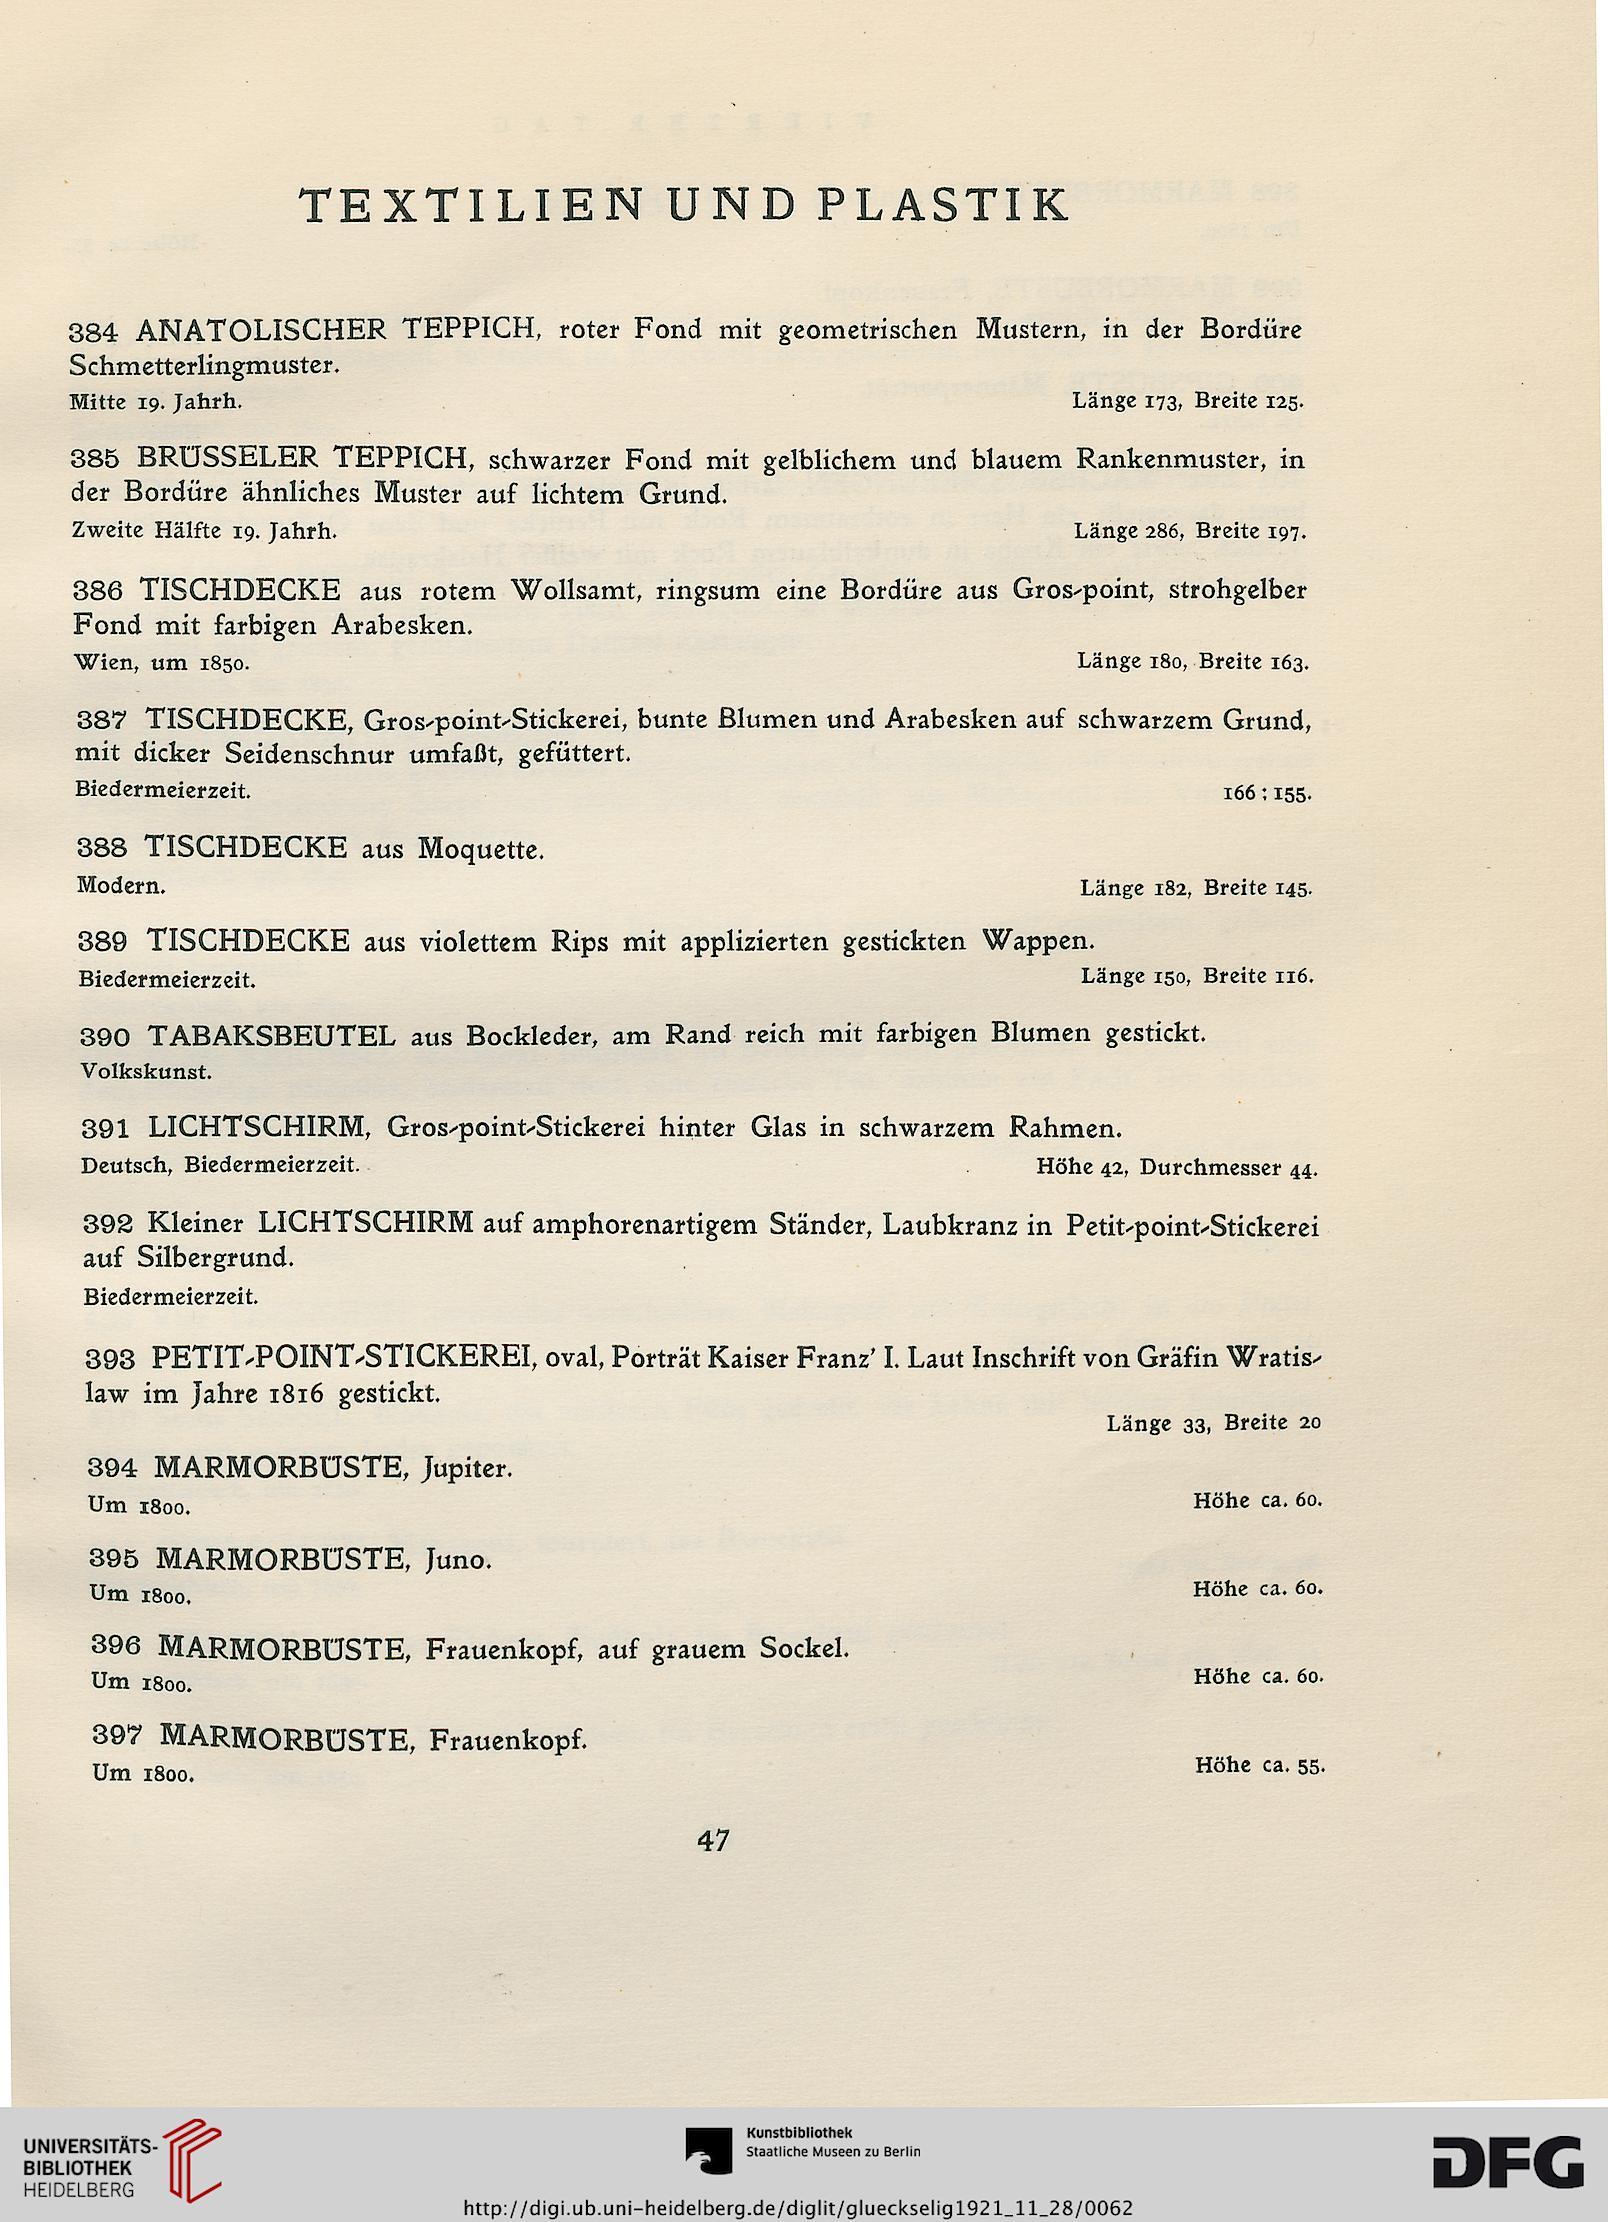 Auktionshaus für Alterthümer Glückselig & Wärndorfer <Wien> [Hrsg ...